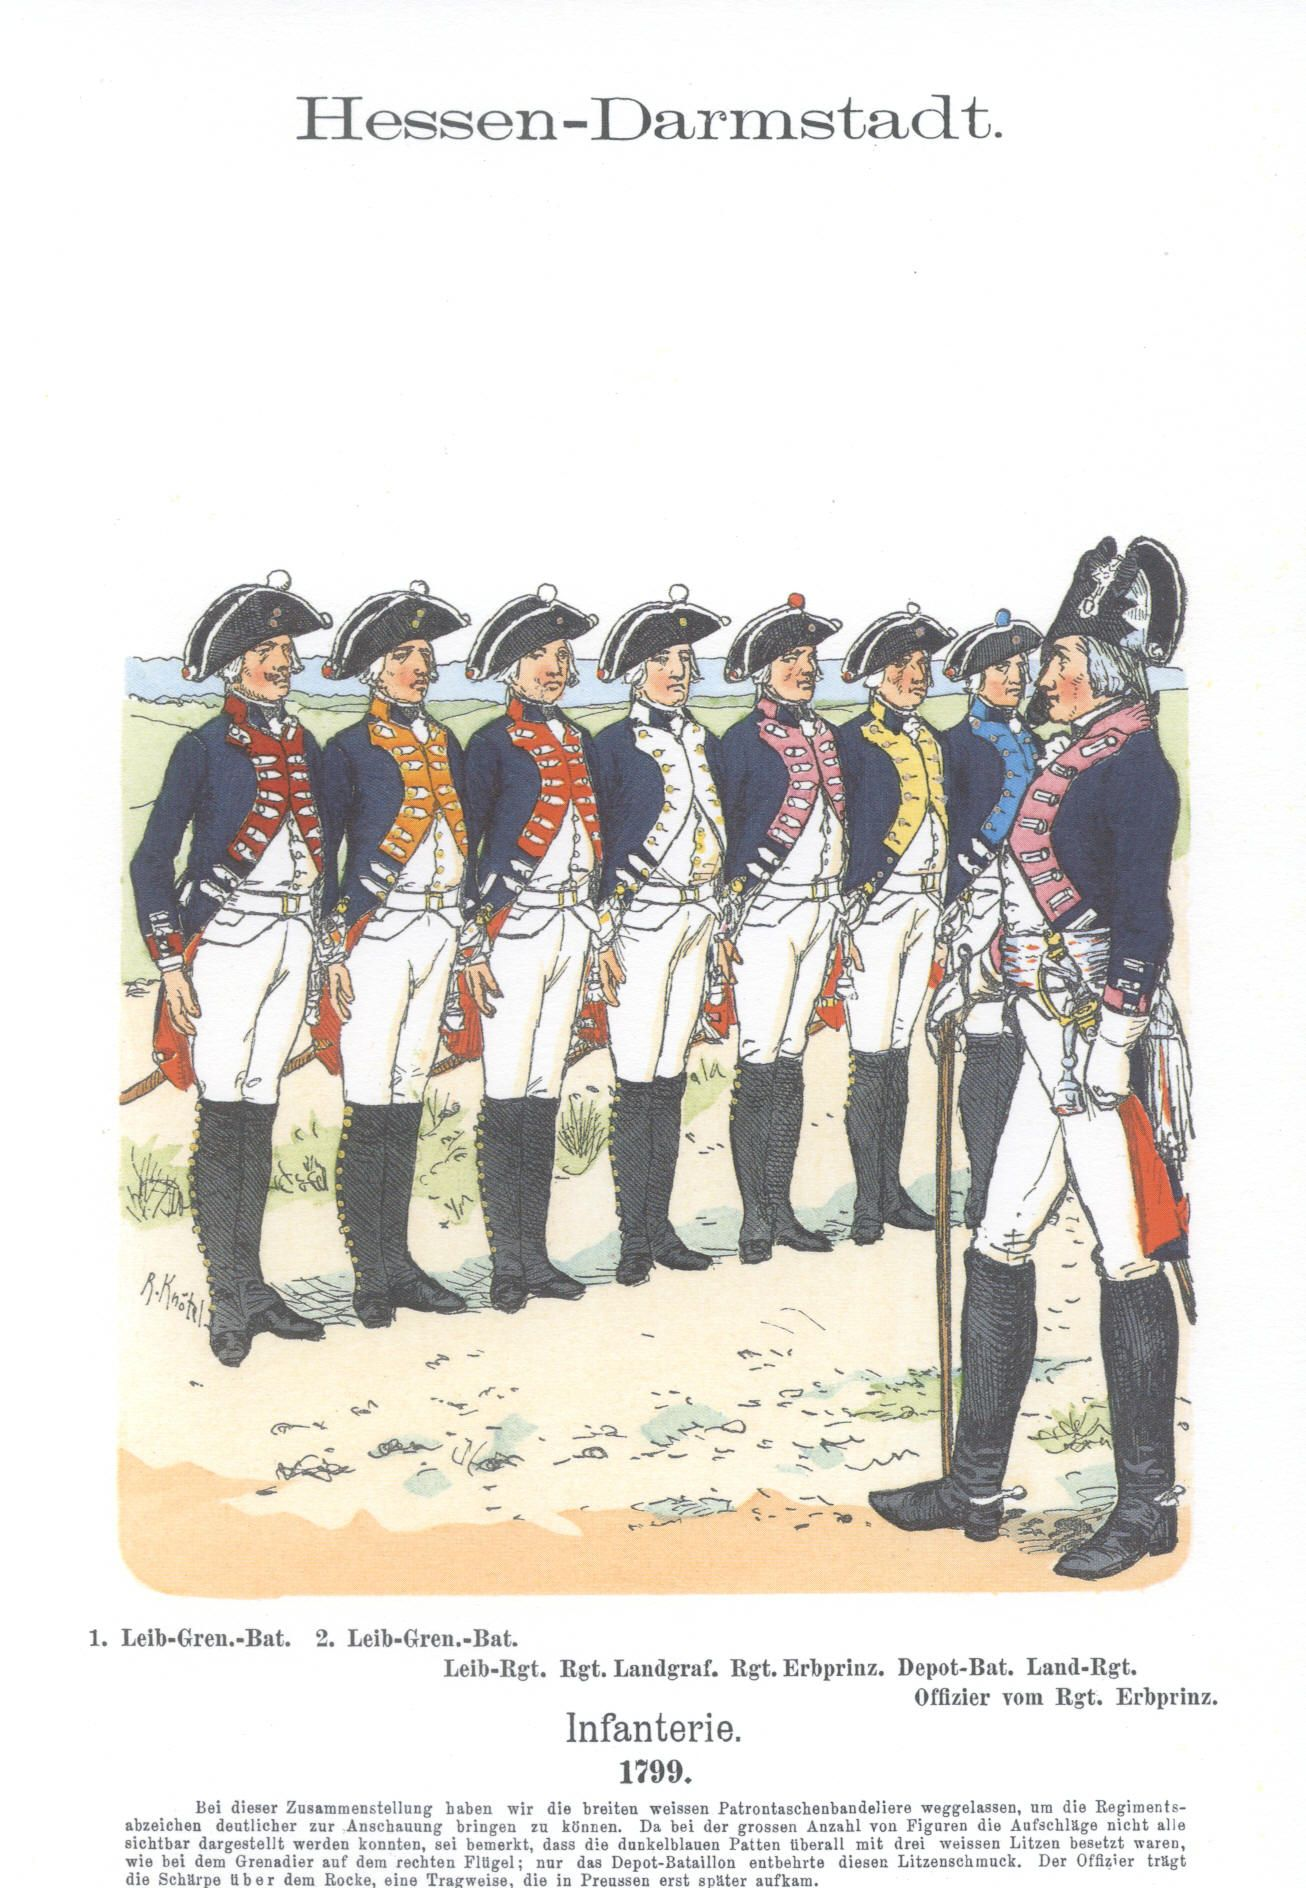 Vol 11 - Pl 28 - Hessen-Darmstadt. Infanterie. 1799.